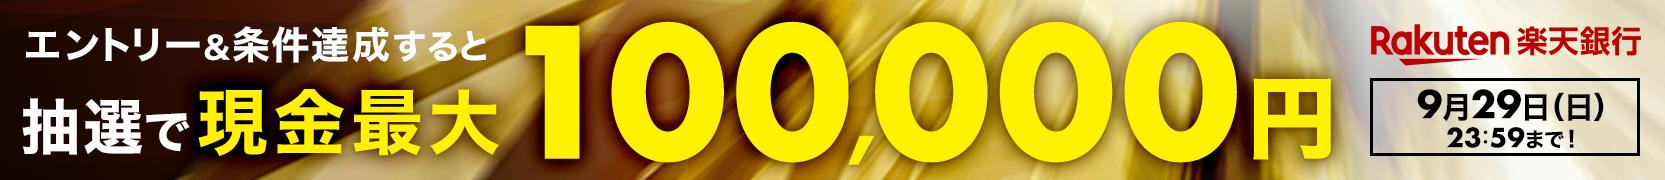 【楽天銀行】エントリーして楽天競馬に5,000円以上入金&投票で現金最大10万円プレゼント!